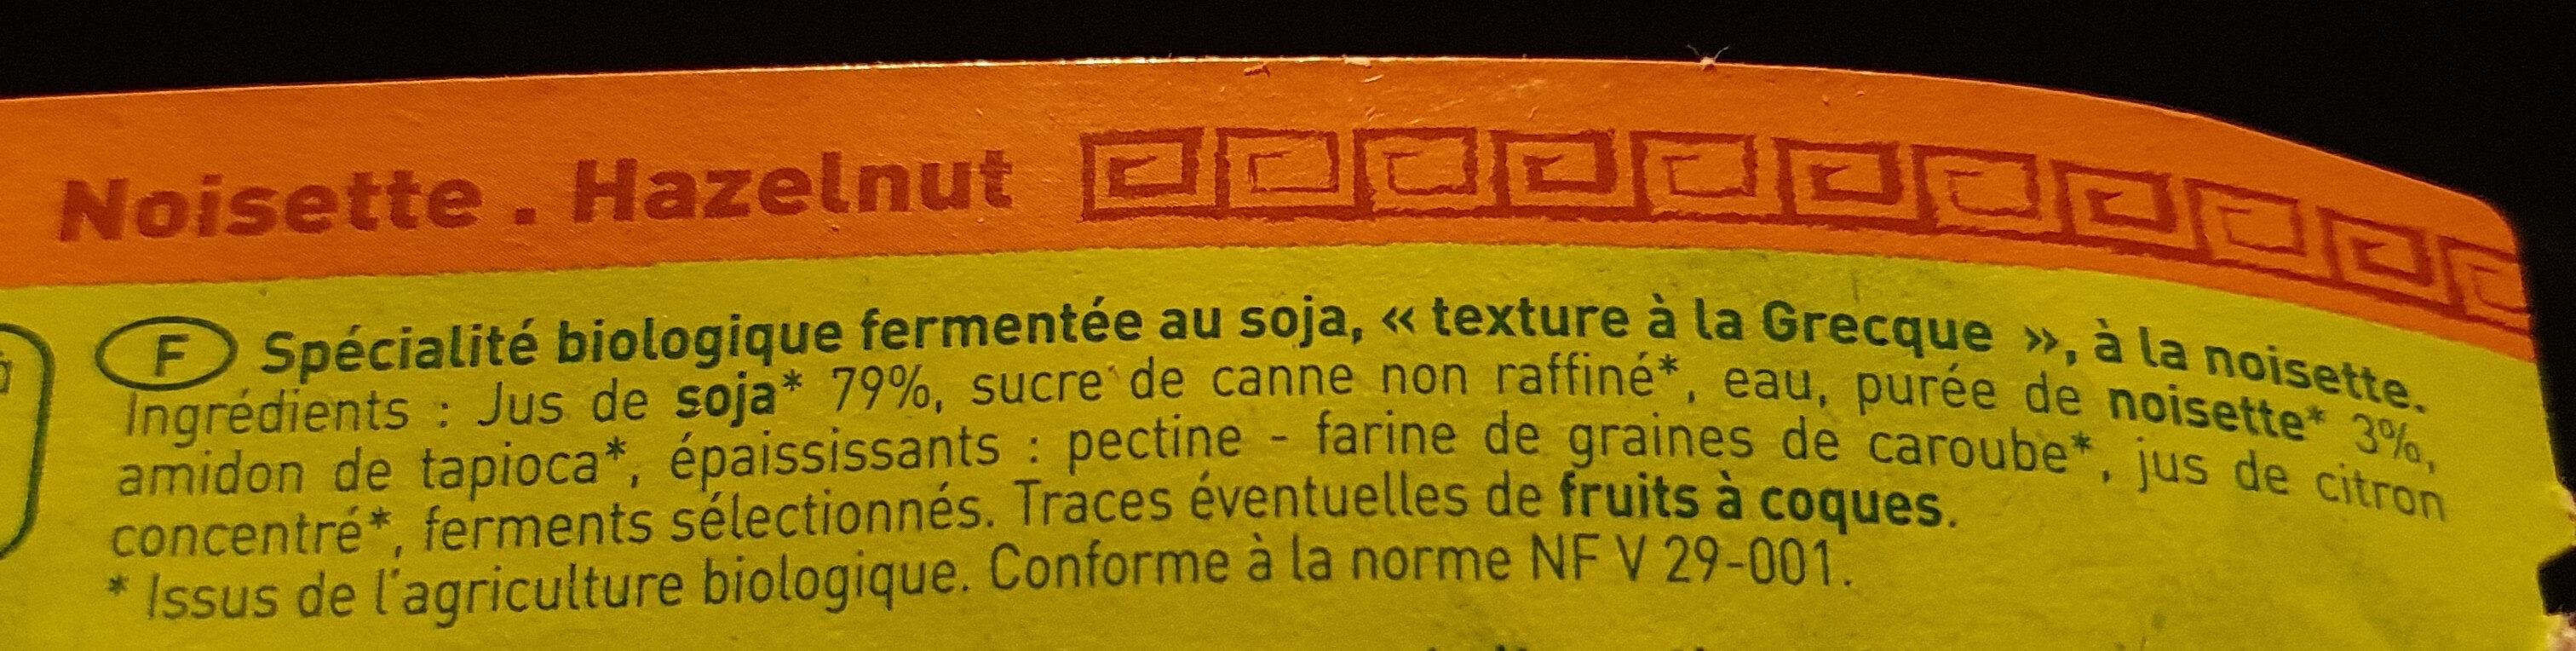 So Soja! à la Grecque - noisette - Ingrédients - fr